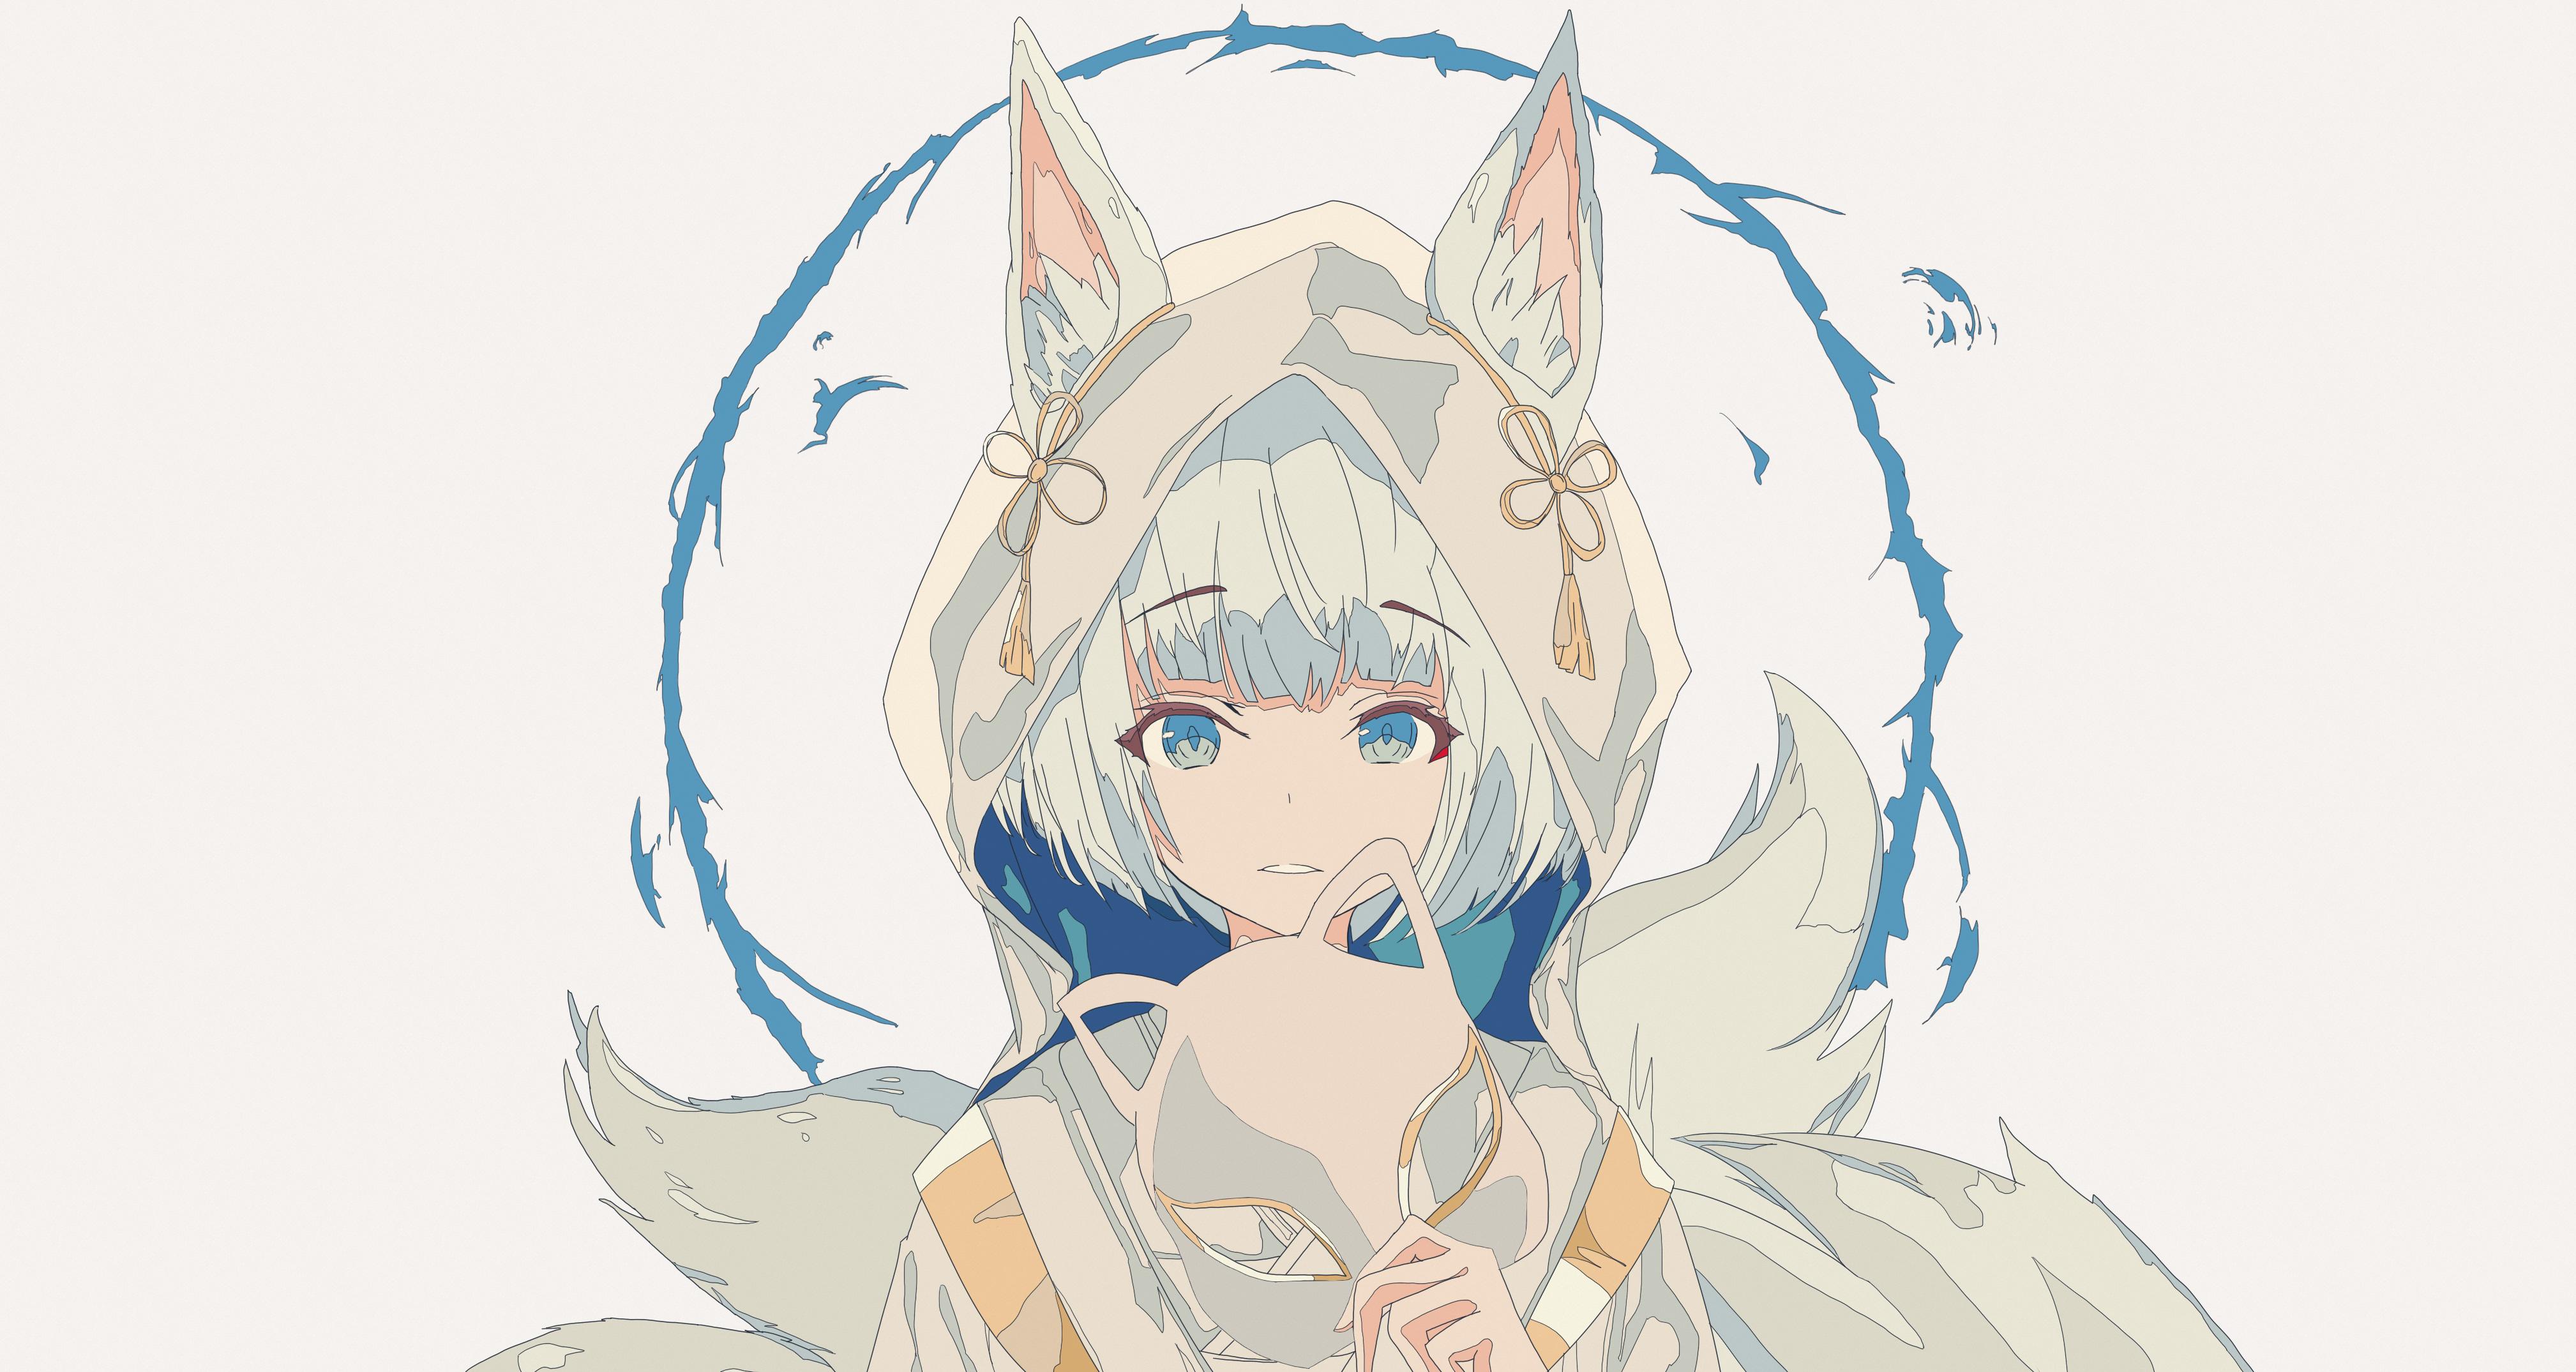 Anime 4035x2149 anime anime girls digital art artwork portrait simple background fox girl fox ears animal ears short hair white hair blue eyes Azur Lane Kaga (Azur Lane)